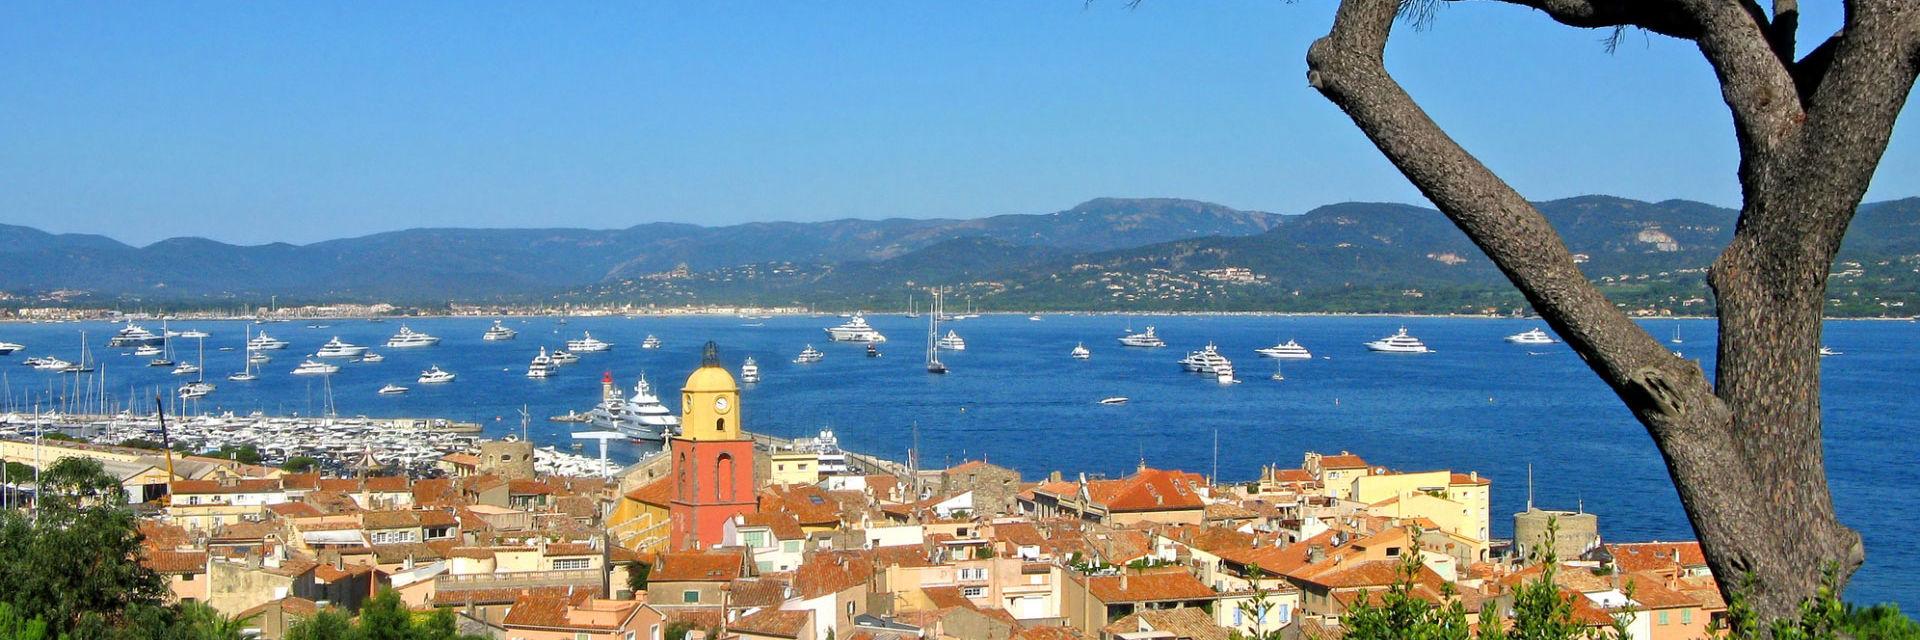 Vakantiehuis Provence-Alpes-Côte d'Azur? Bekijk alle vakantiehuizen